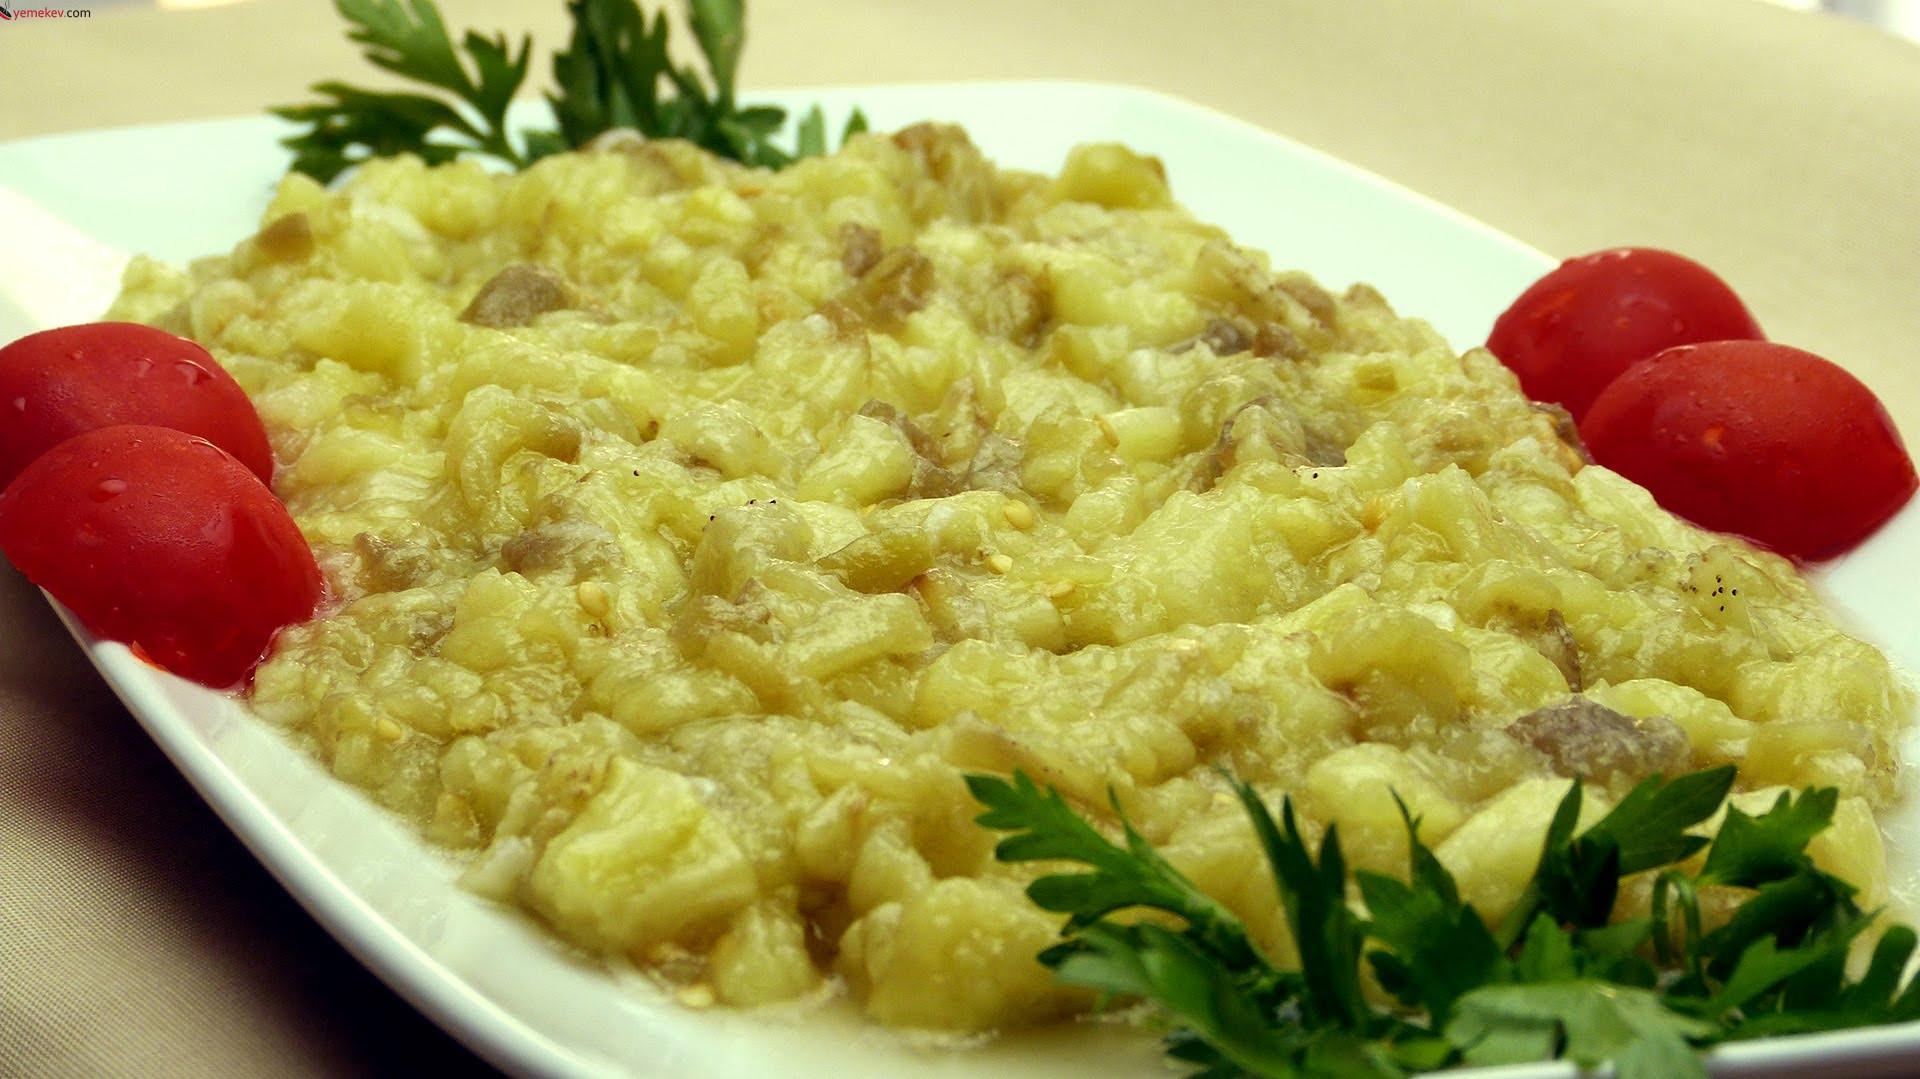 Közlenmiş Patlıcan Salatası - 1